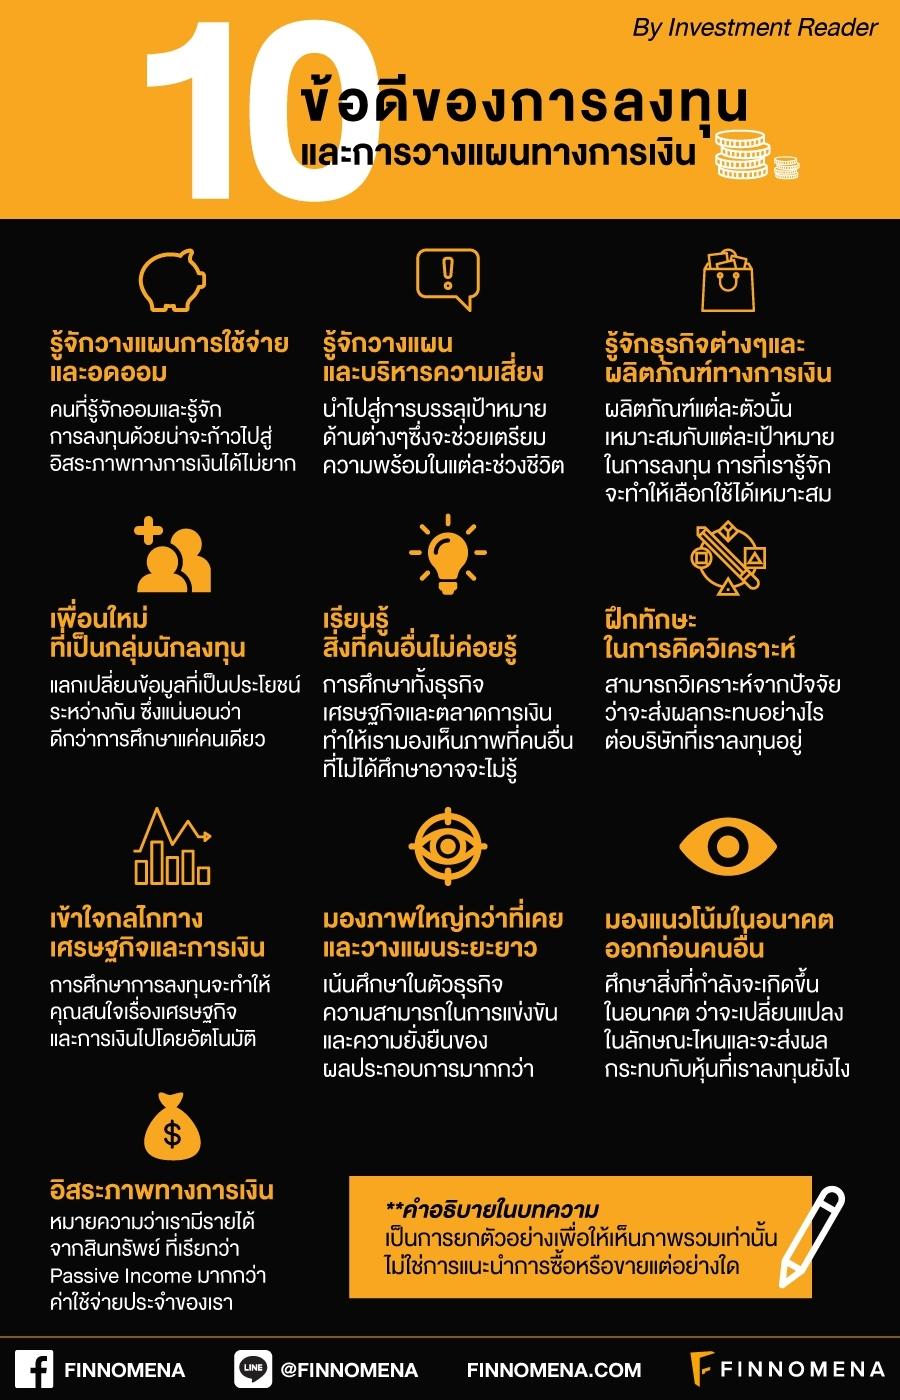 10 ข้อดีของการลงทุนและการวางแผนทางการเงิน